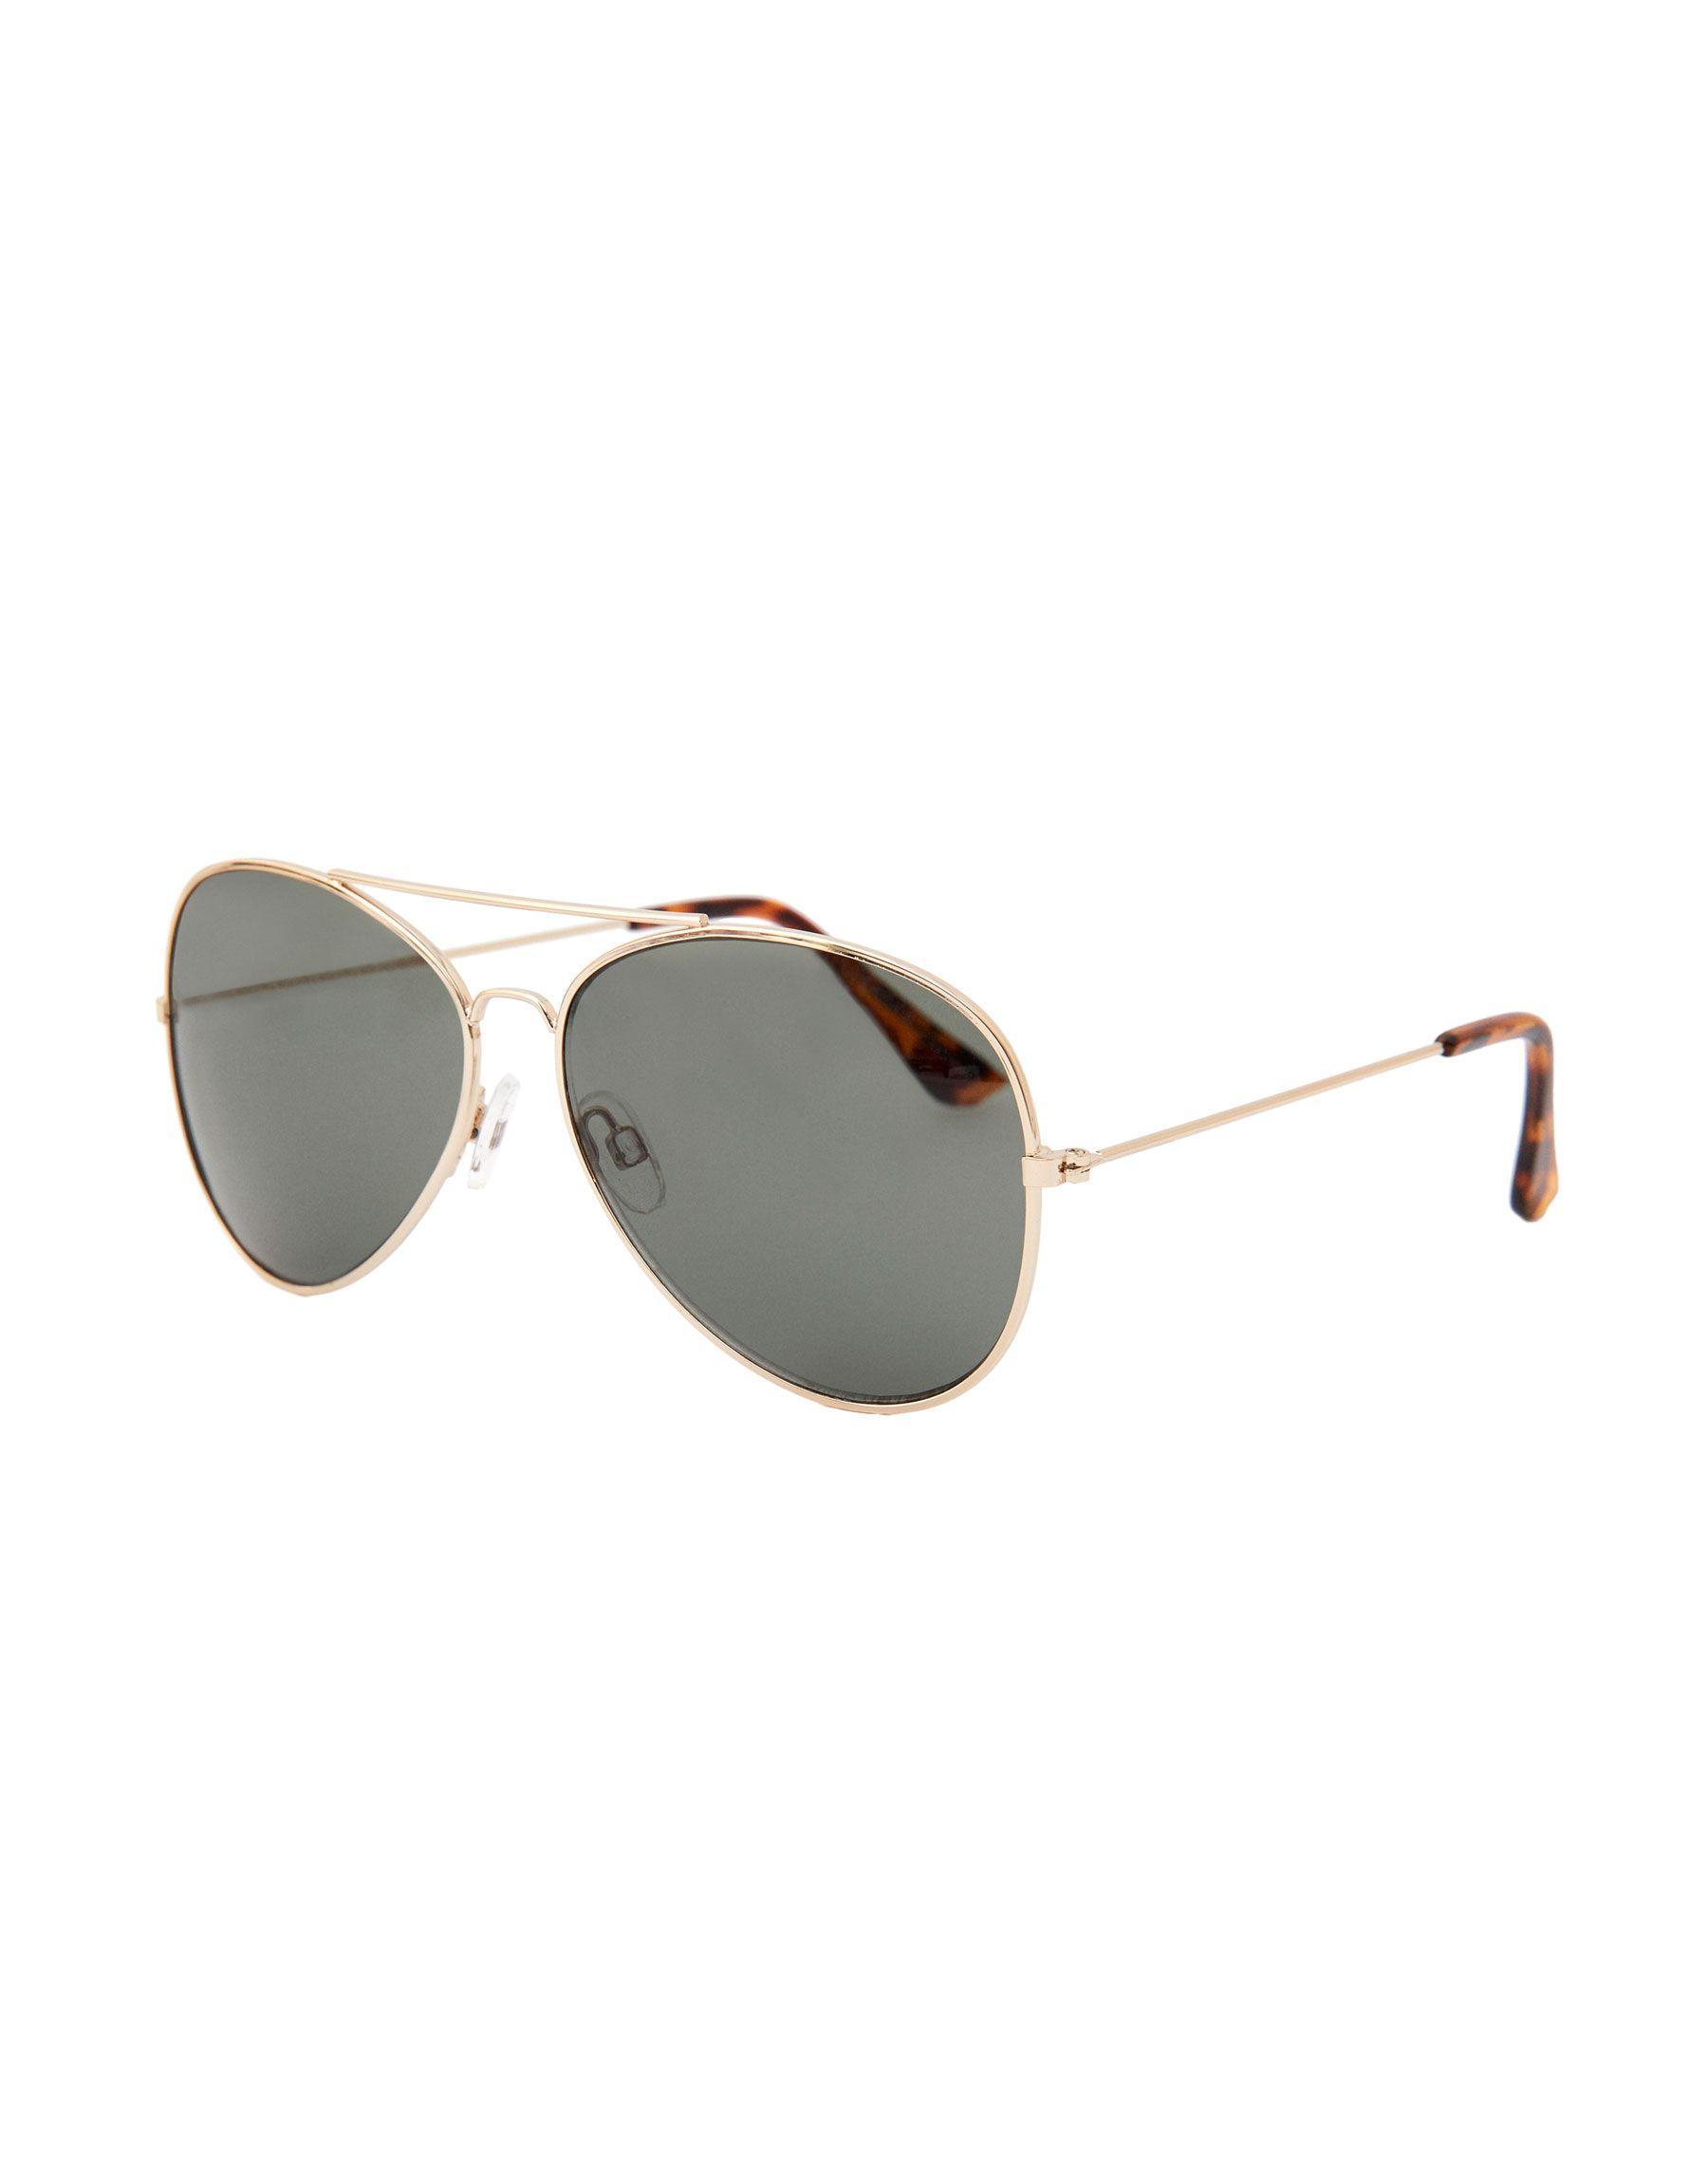 atarse en tiendas populares lindos zapatos Gafas sol aviador dorado | Products in 2019 | Glasses ...